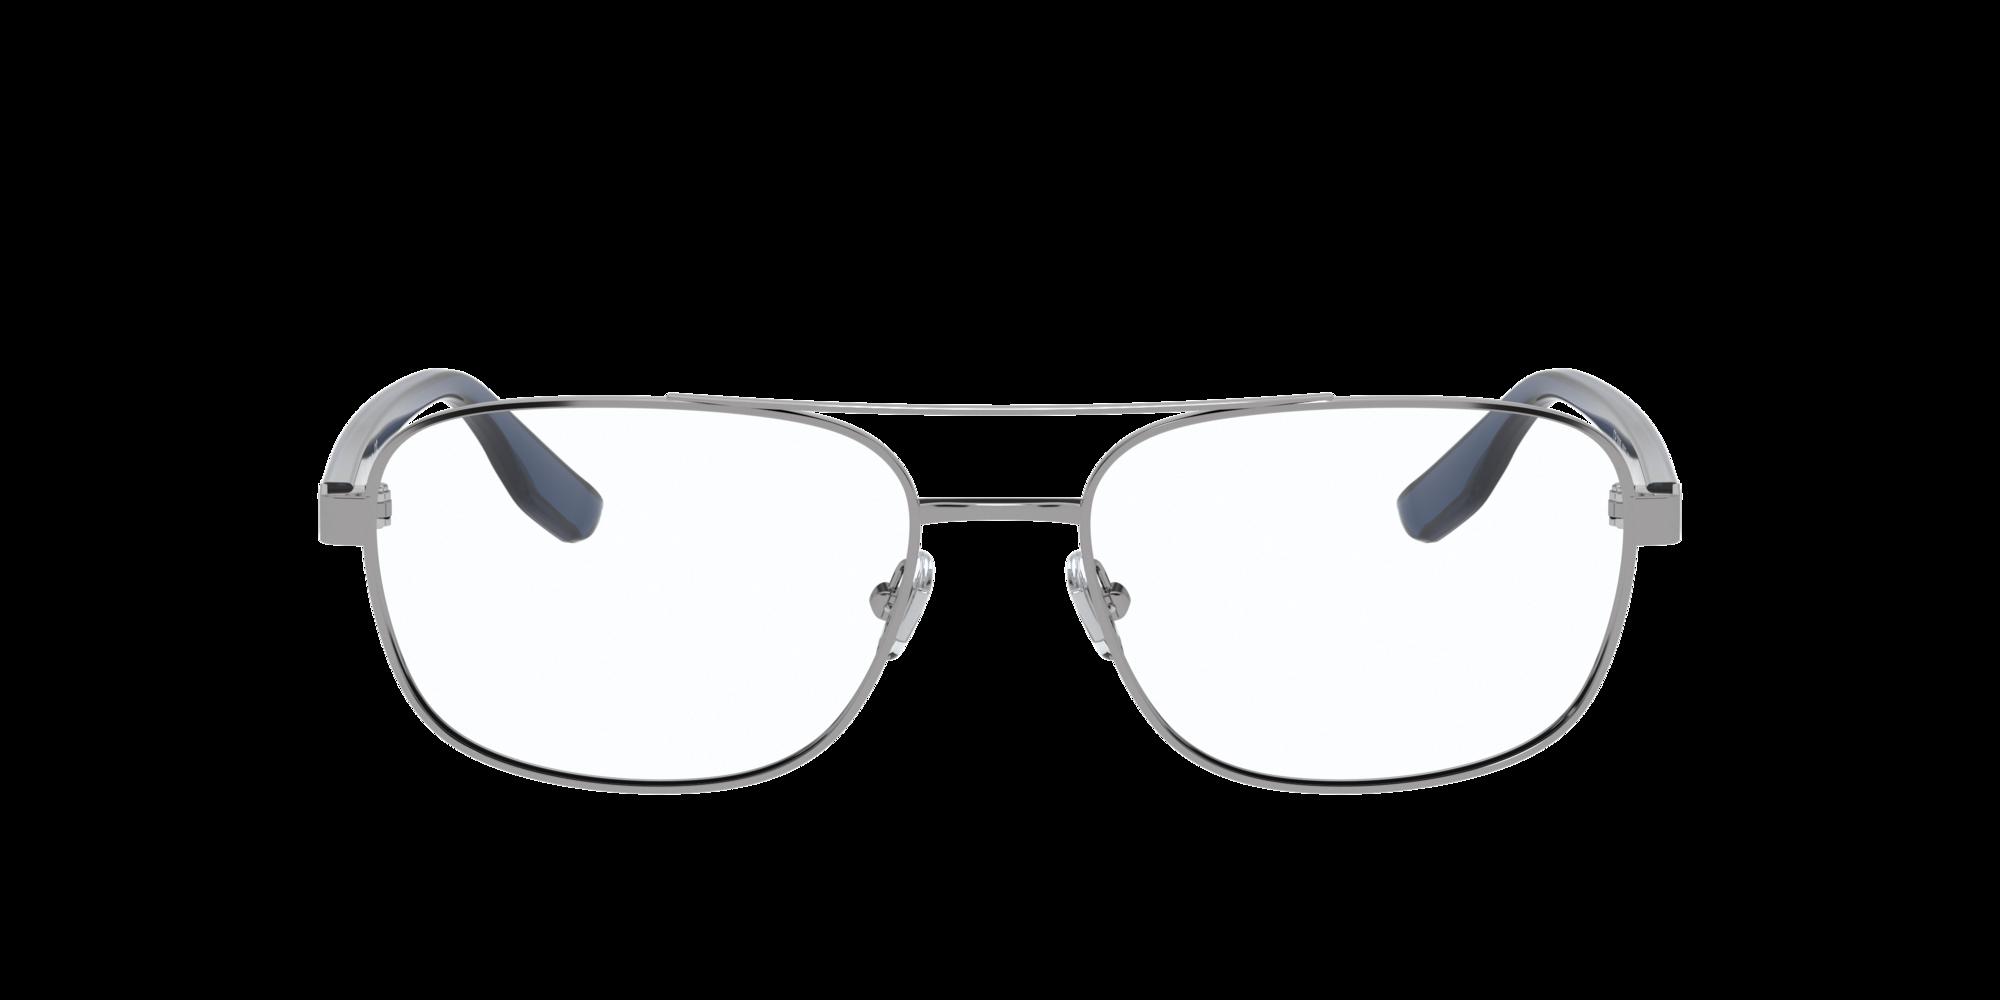 Imagen para CP2089 de LensCrafters |  Espejuelos, espejuelos graduados en línea, gafas